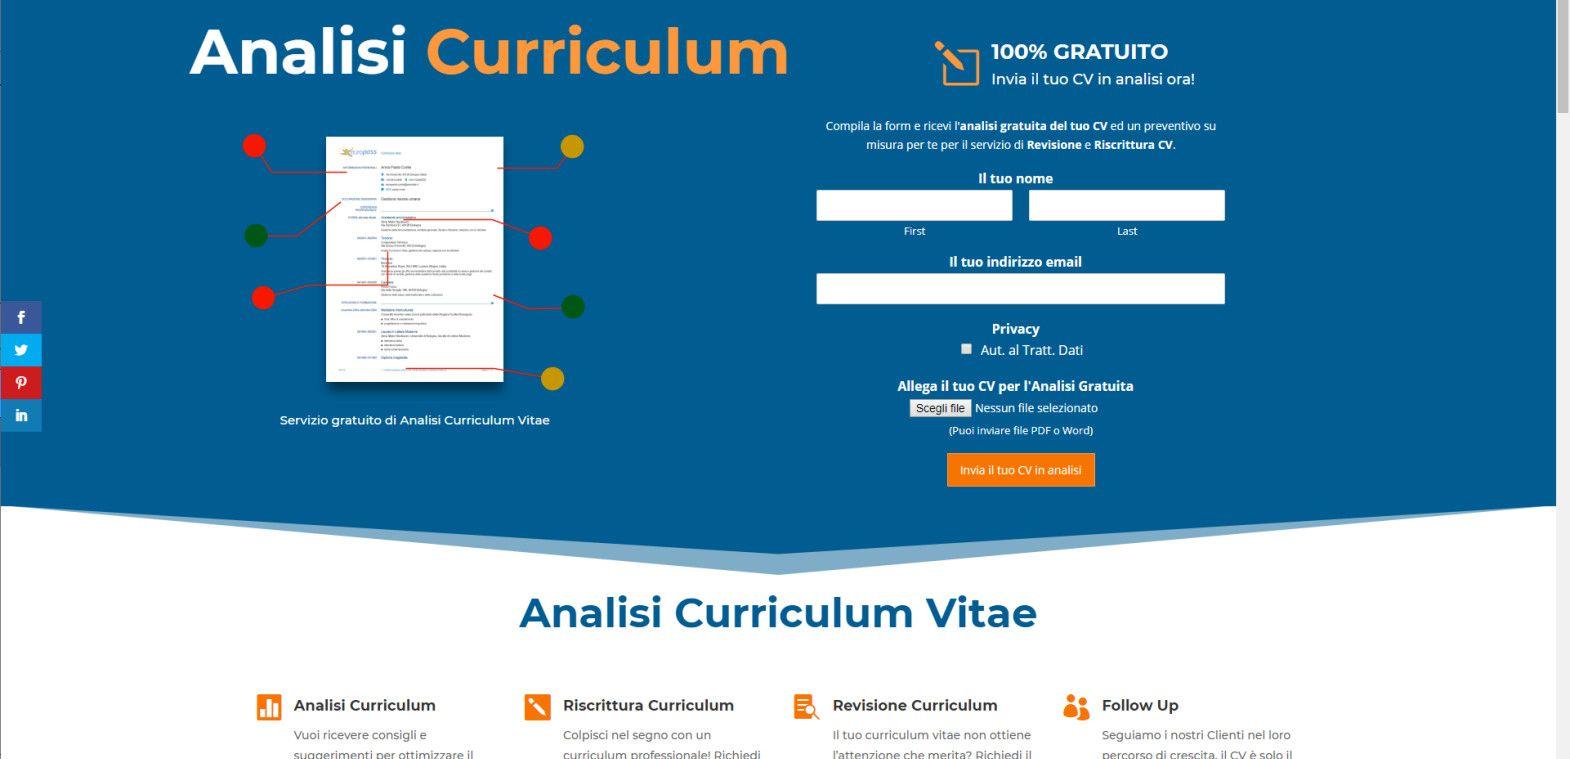 Analisi Curriculum